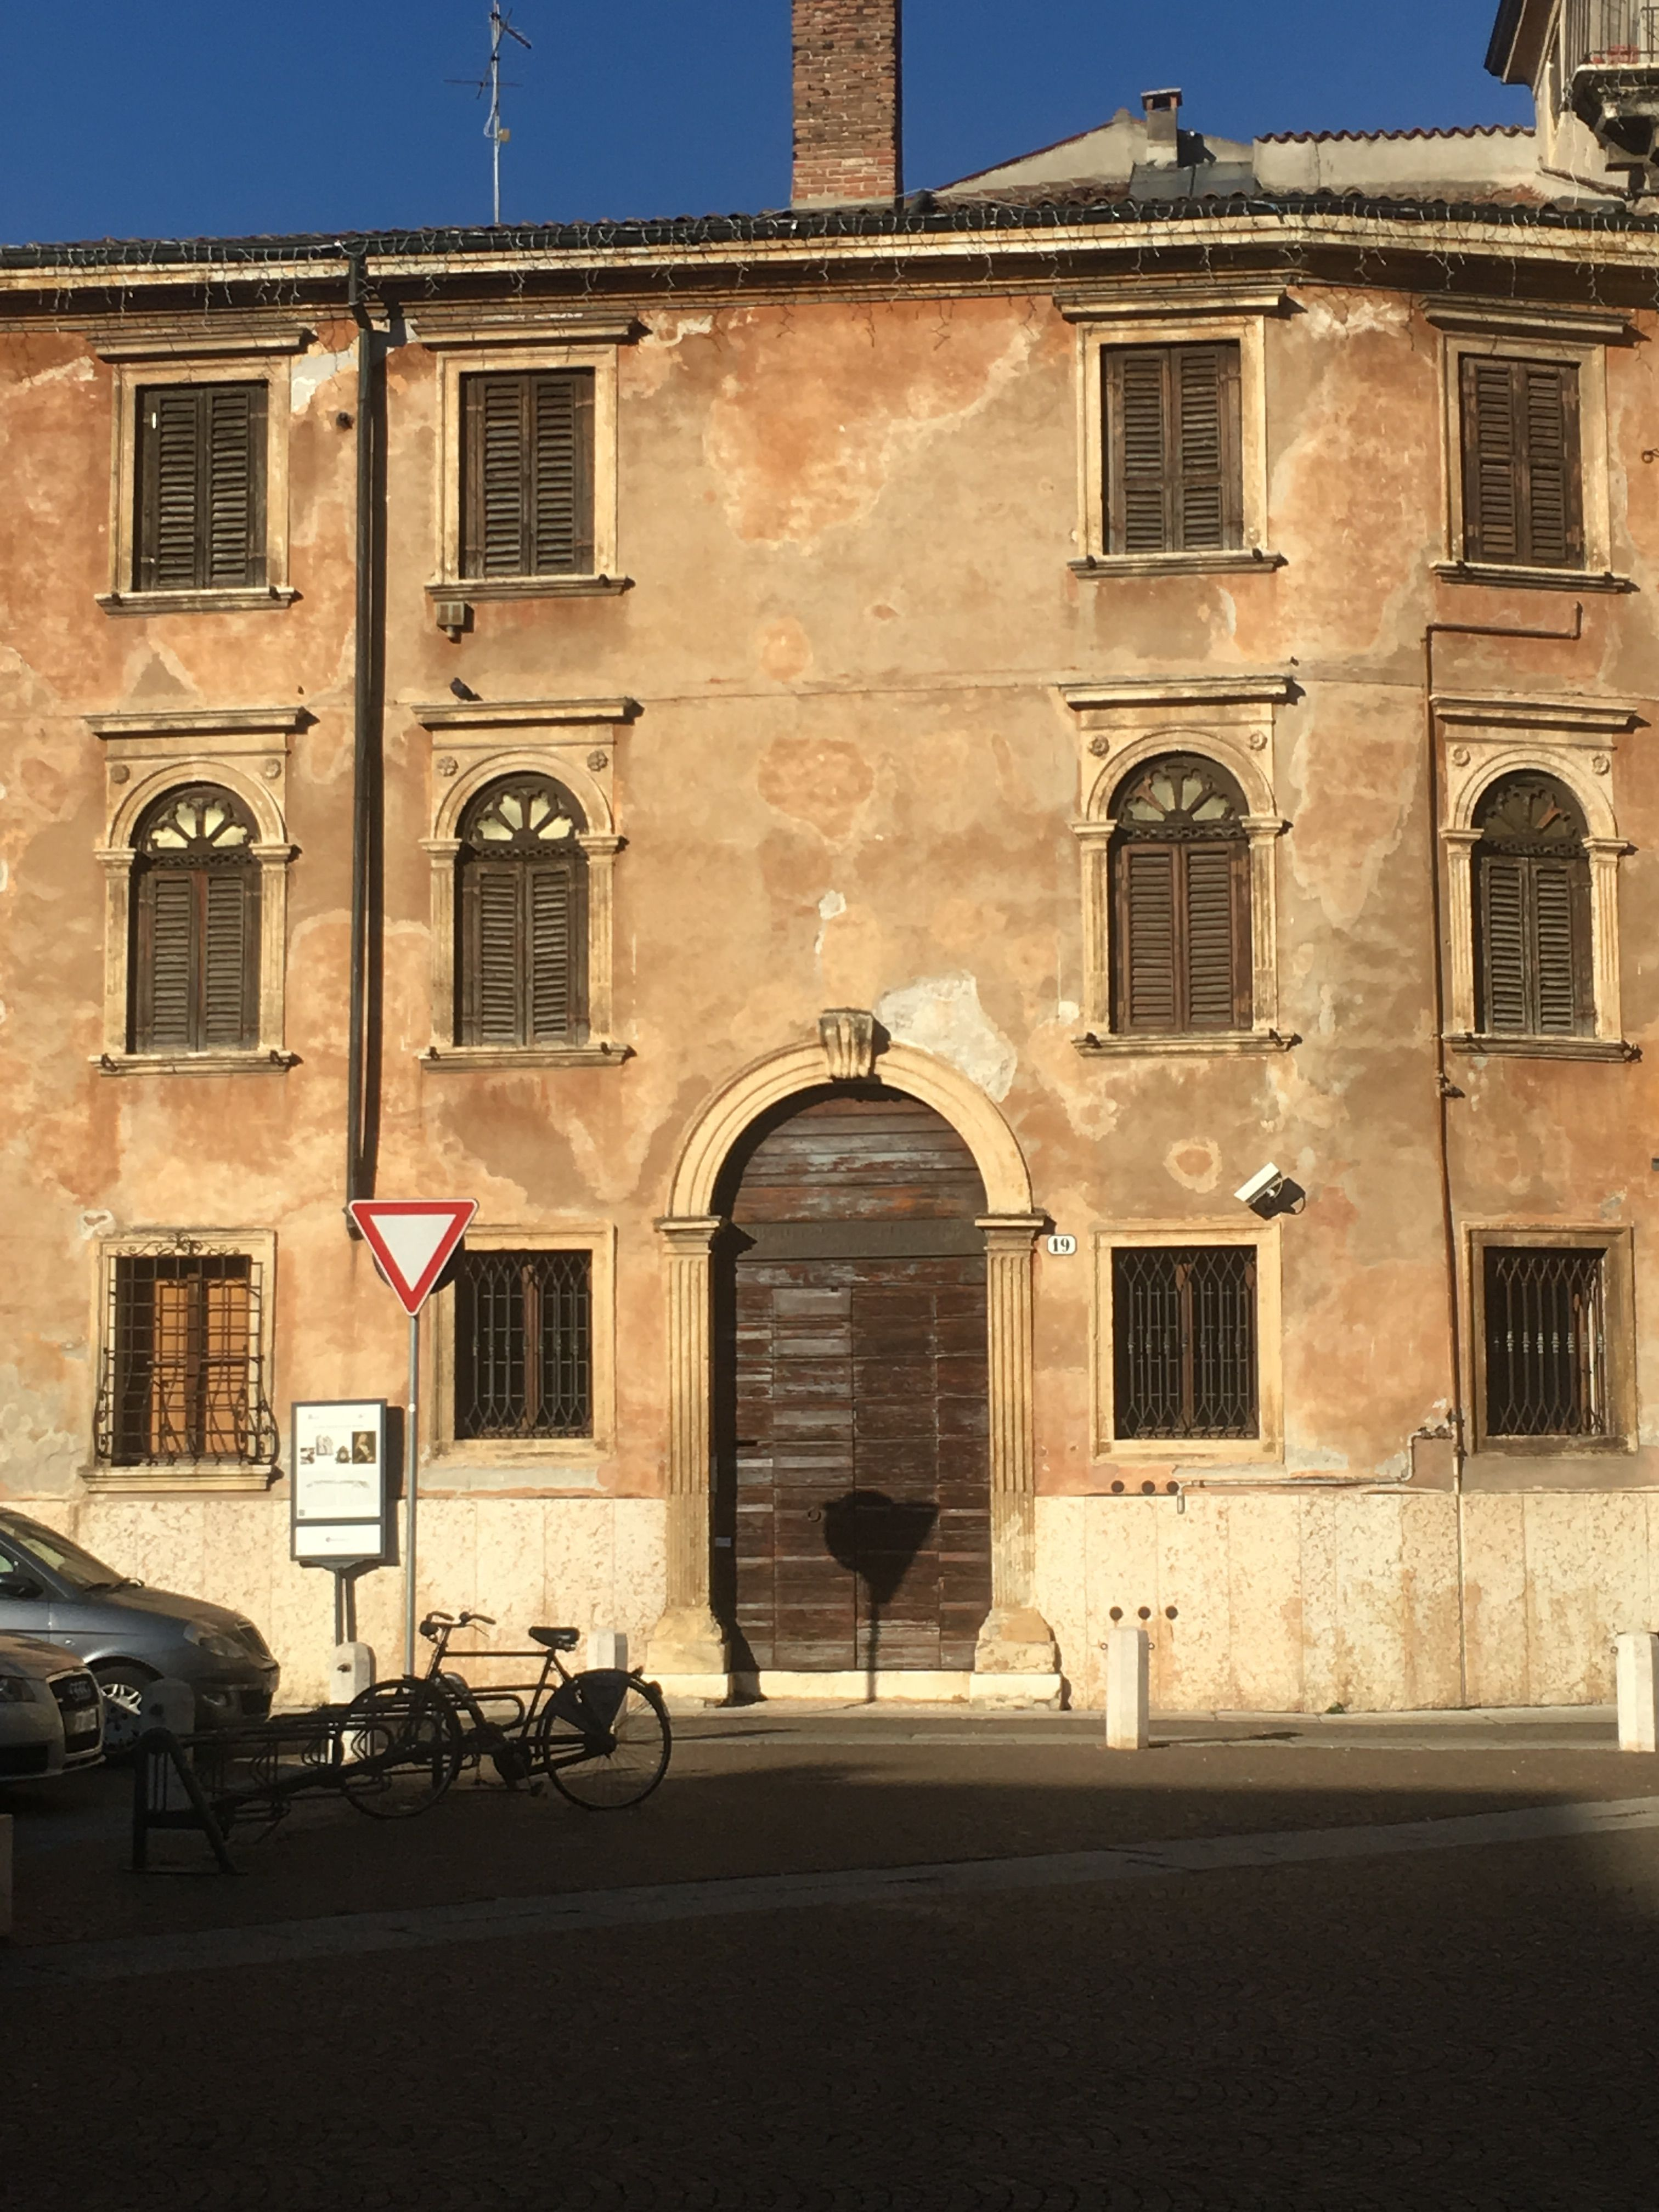 Verona, architecture